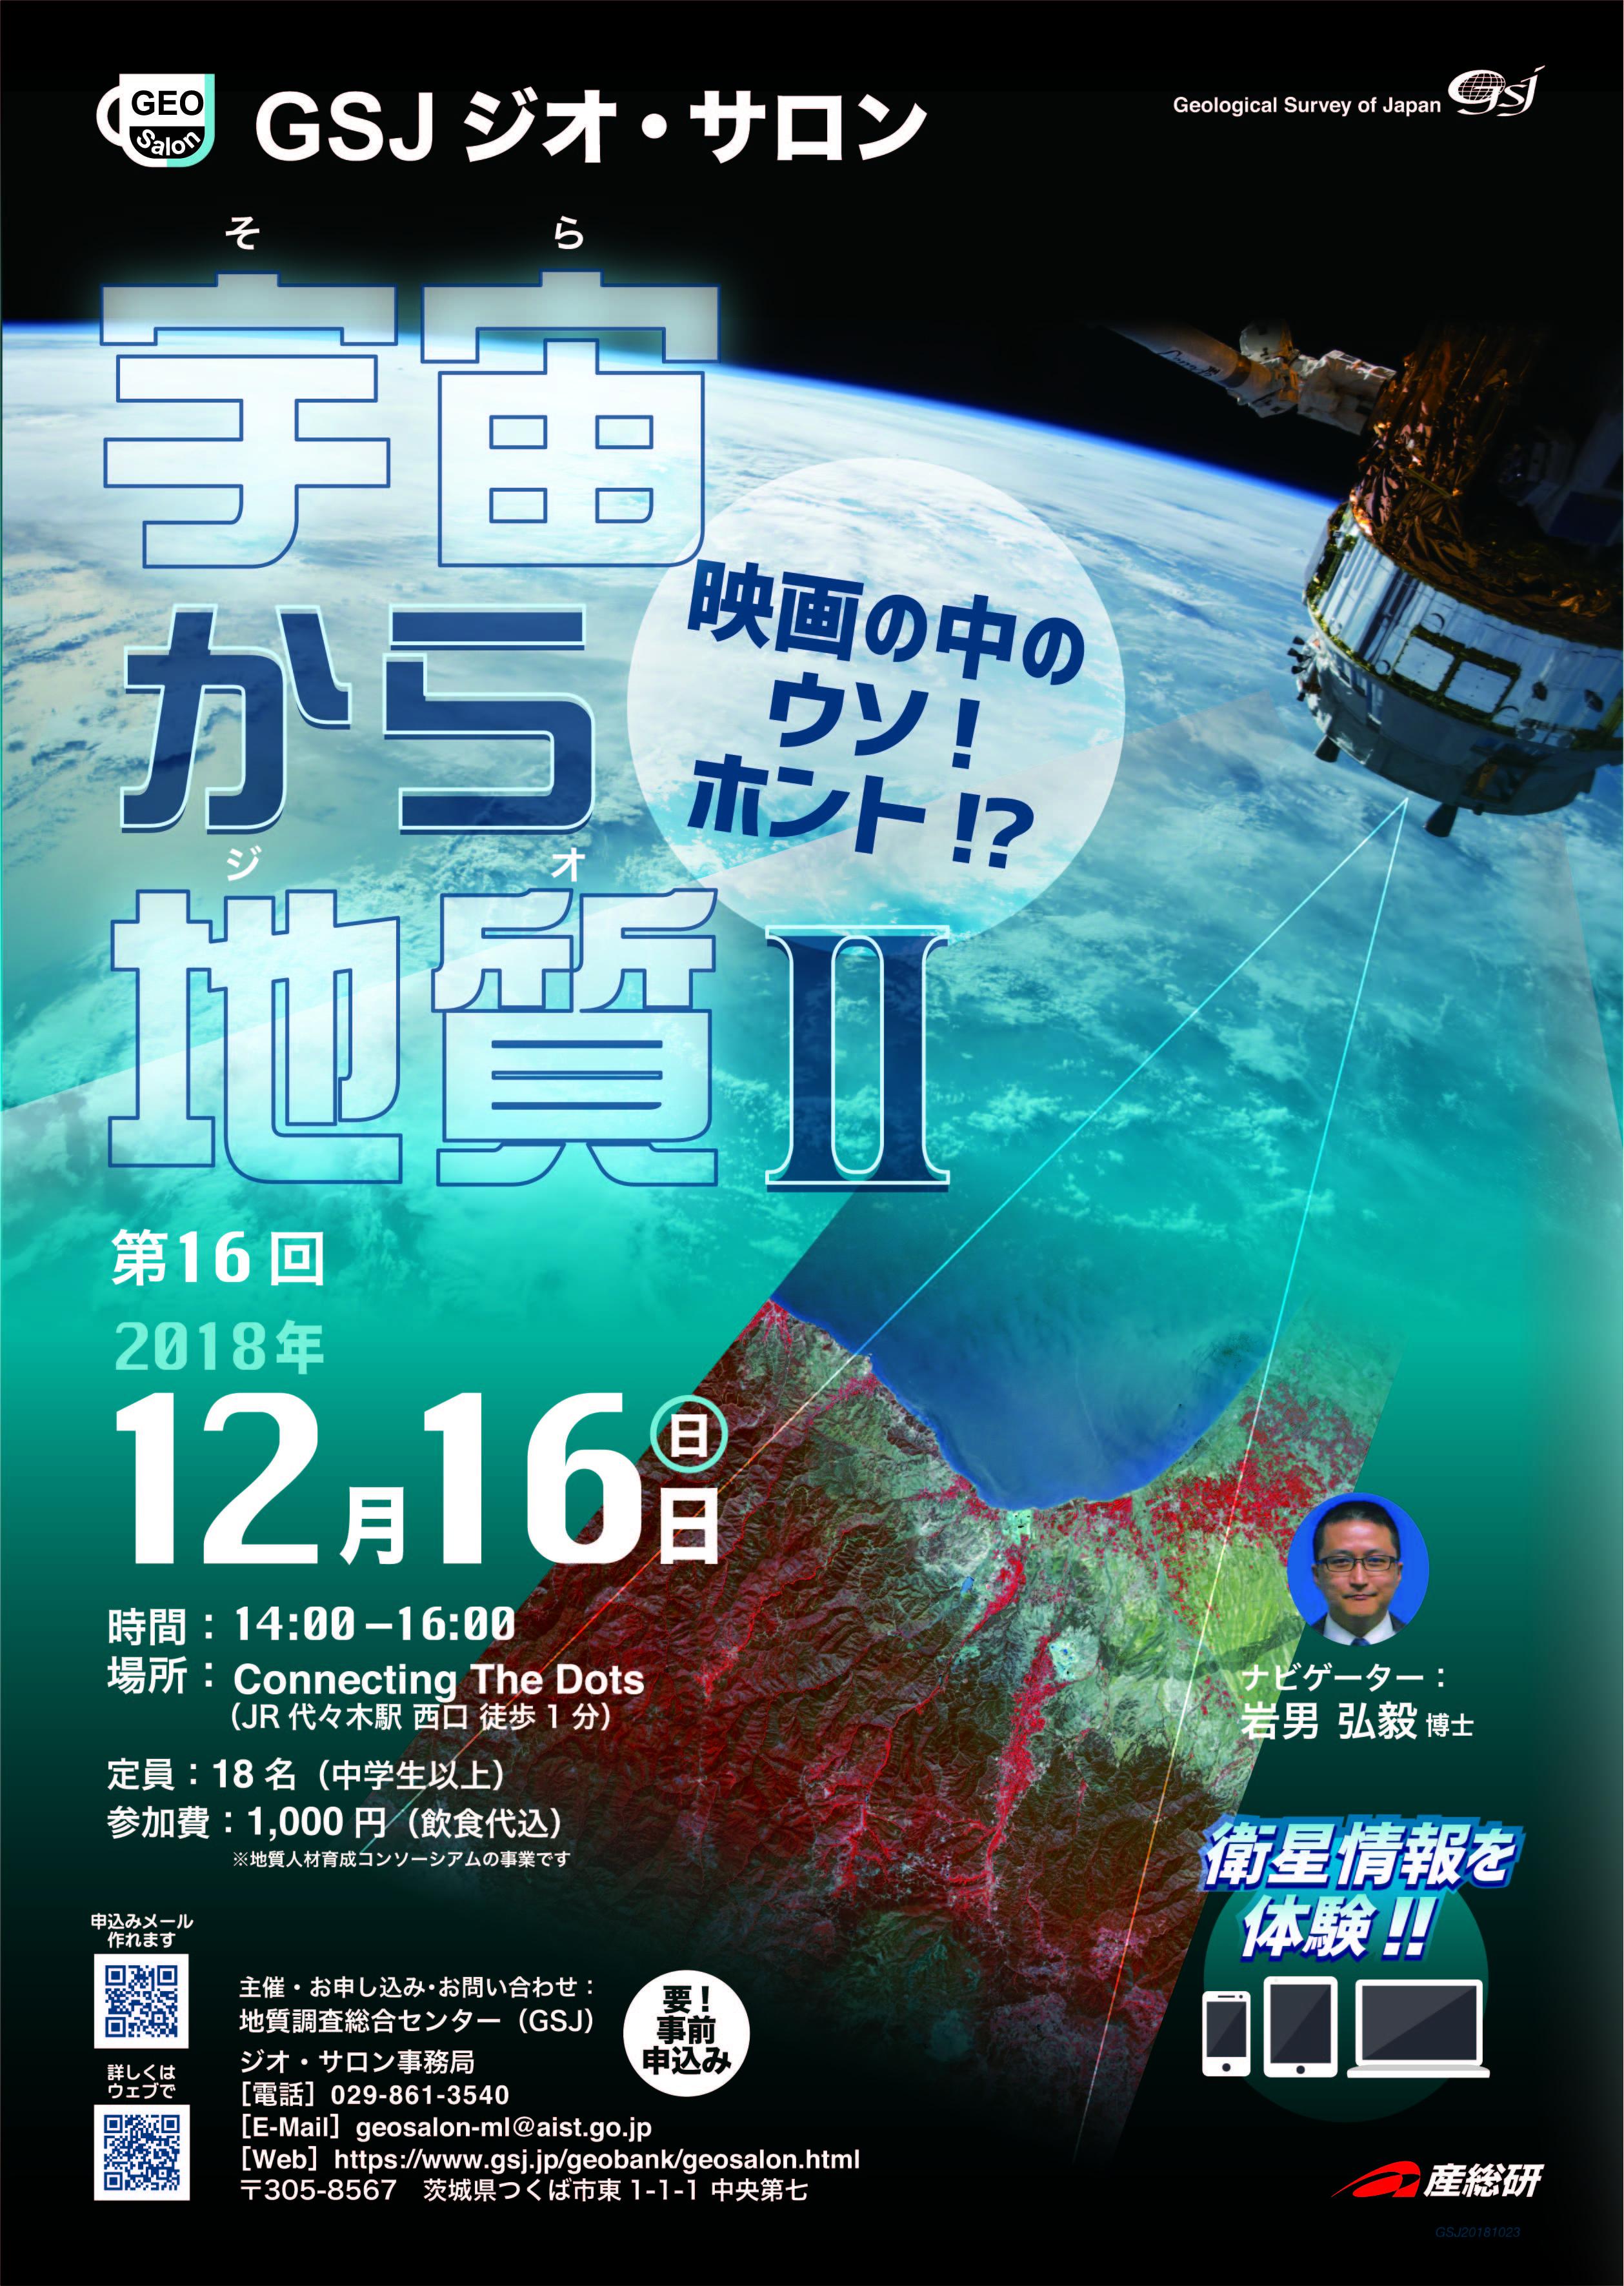 宇宙(そら)から地質(ジオ)Ⅱ~映画の中のウソ?ホント!?~